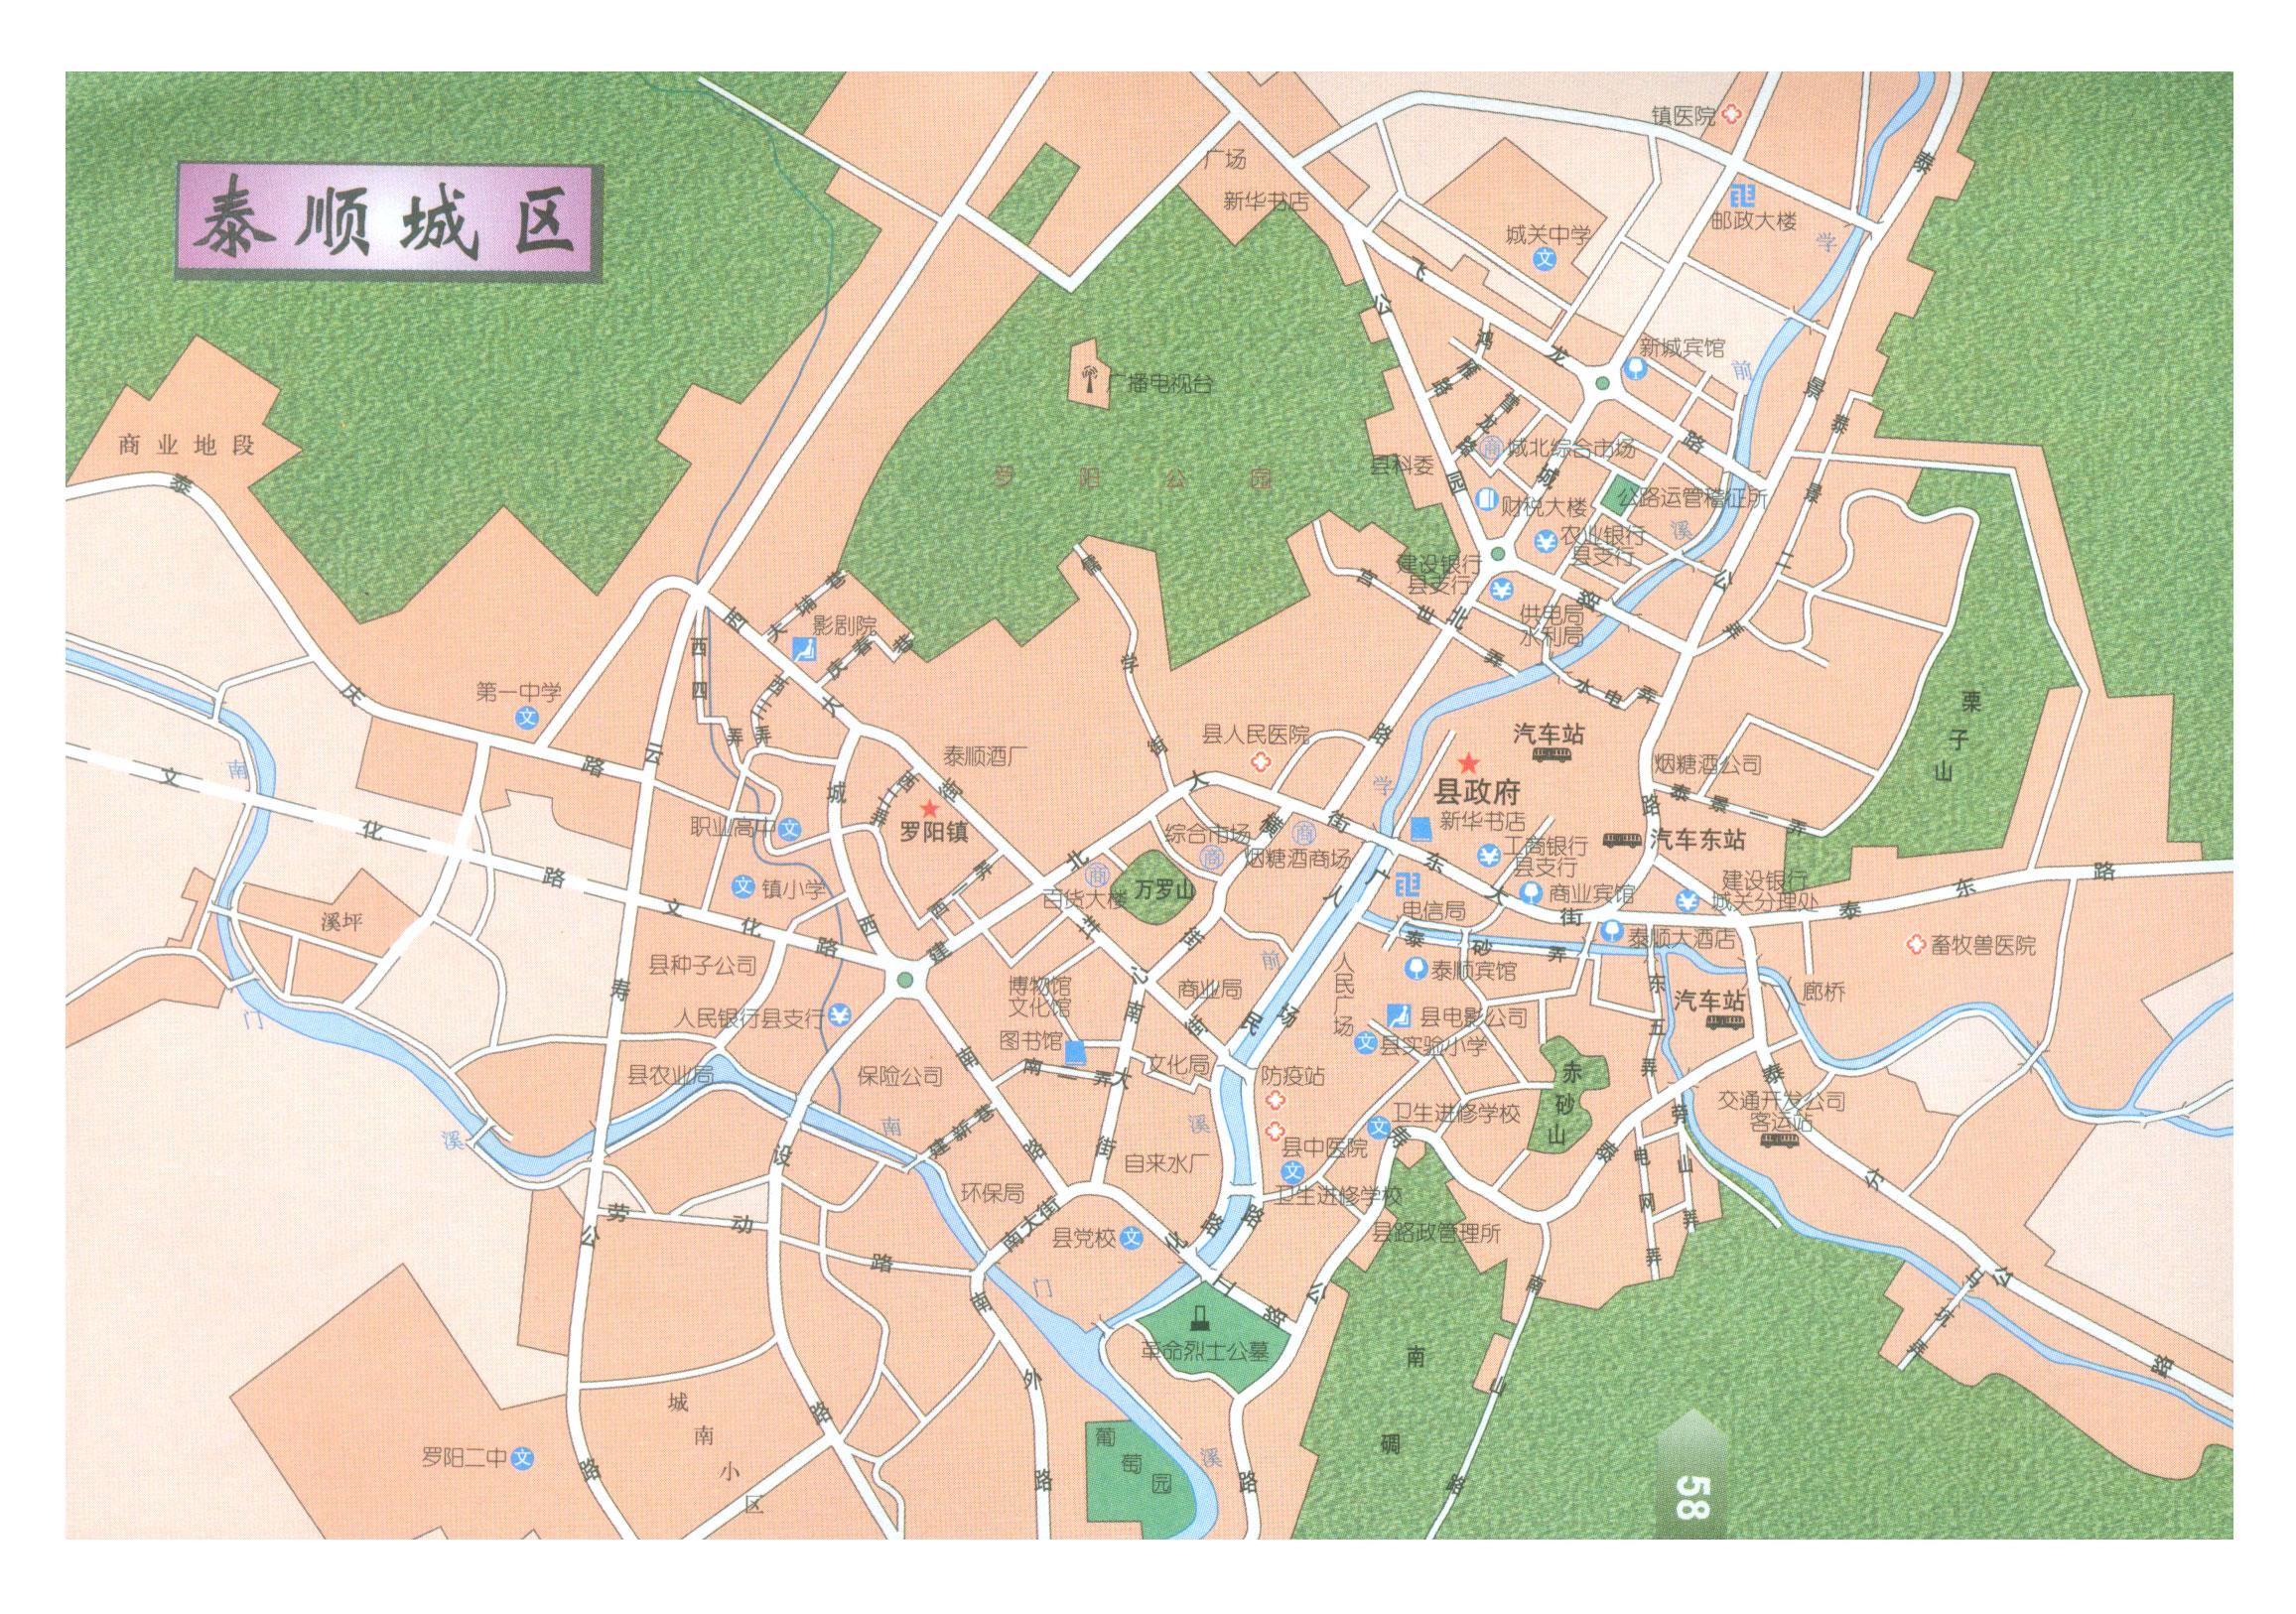 温州泰顺旅游地图 - 钟鼎散客网